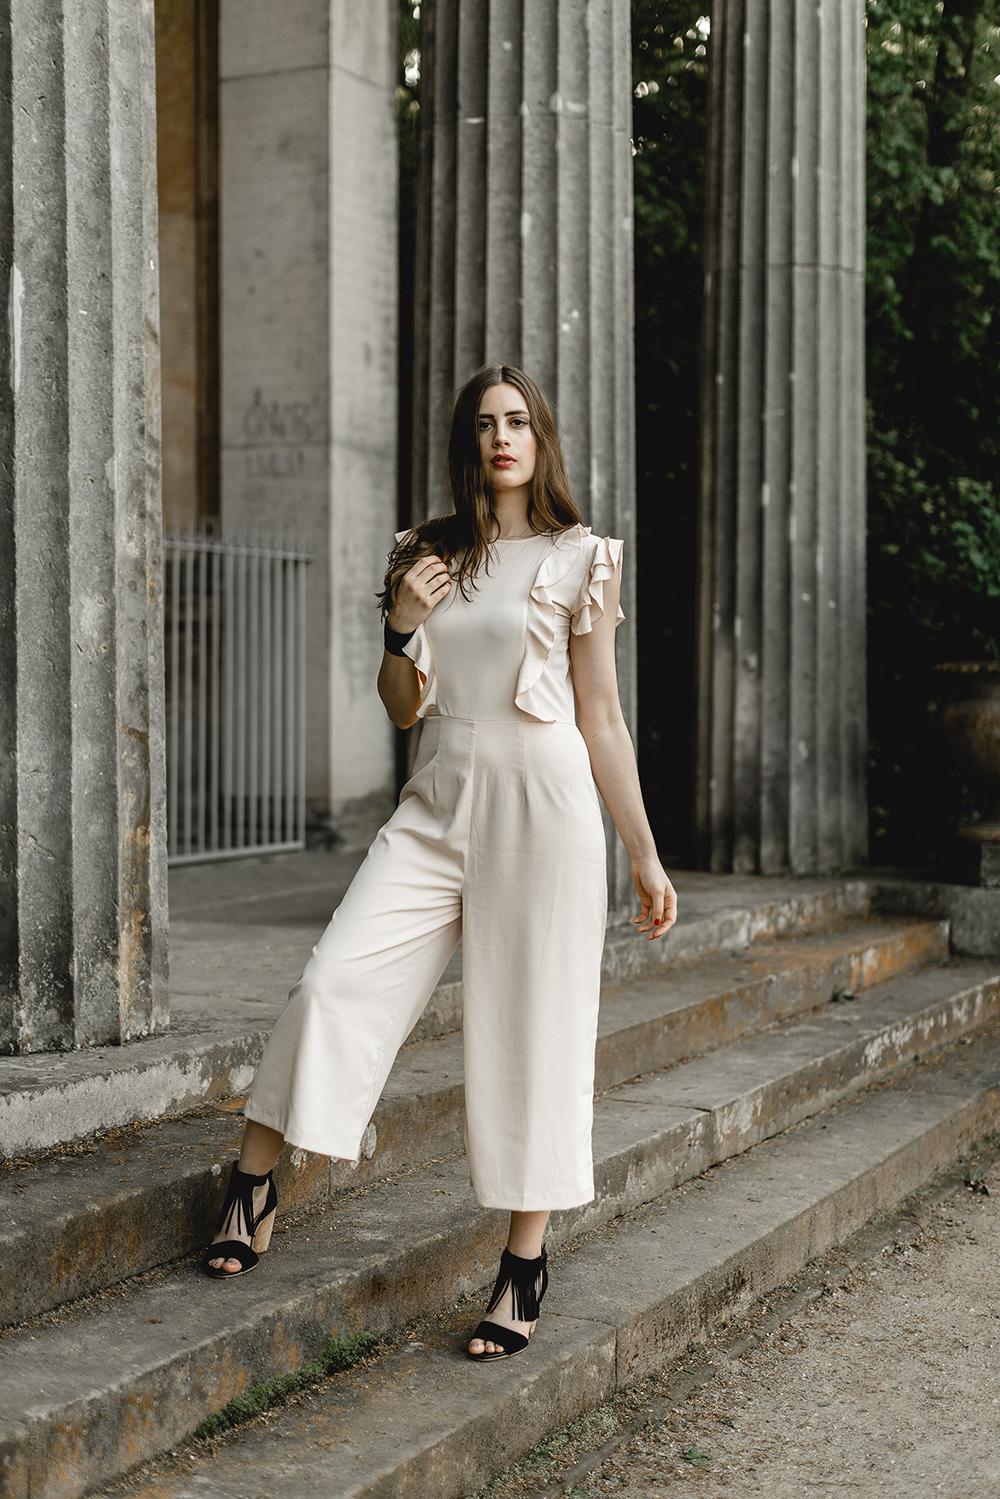 Was soll ich auf Instagram posten-Modeblog Berlin-Fashionblogger Overall-andysparkles